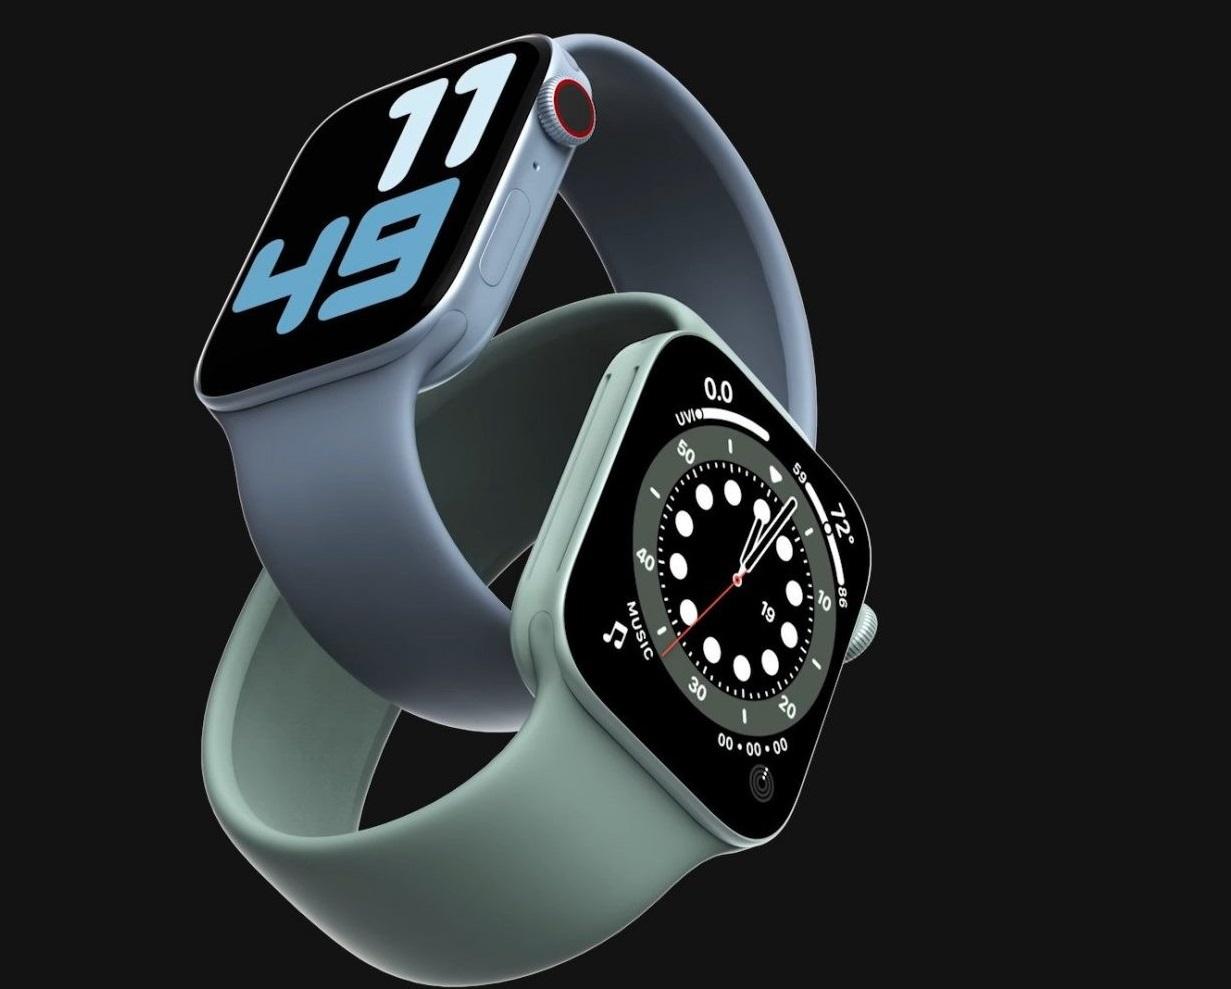 ساعة ذكية,apple watch series 7,ساعة ابل,افضل ساعة ذكية,ساعة ابل 7,apple watch series 6,افضل ساعة ذكية تحت 1000 جنيه,series 6,انواع الساعة الذكية,ارخص ساعة ذكية,ساعة ابل series 6,ساعة ابل series 4,ساعة ابل ٦,ساعة ابل 6,طريقة تشغيل الساعة الذكية,كيفية تشغيل الساعة الذكية,ساعة ابل الجيل السادس,توصيل الجوال مع الساعة الذكية,ربط الموبايل مع الساعة الذكية,استقبال الرسائل على الساعة الذكية,كيفية اجراء مكالمة من الساعة الذكية